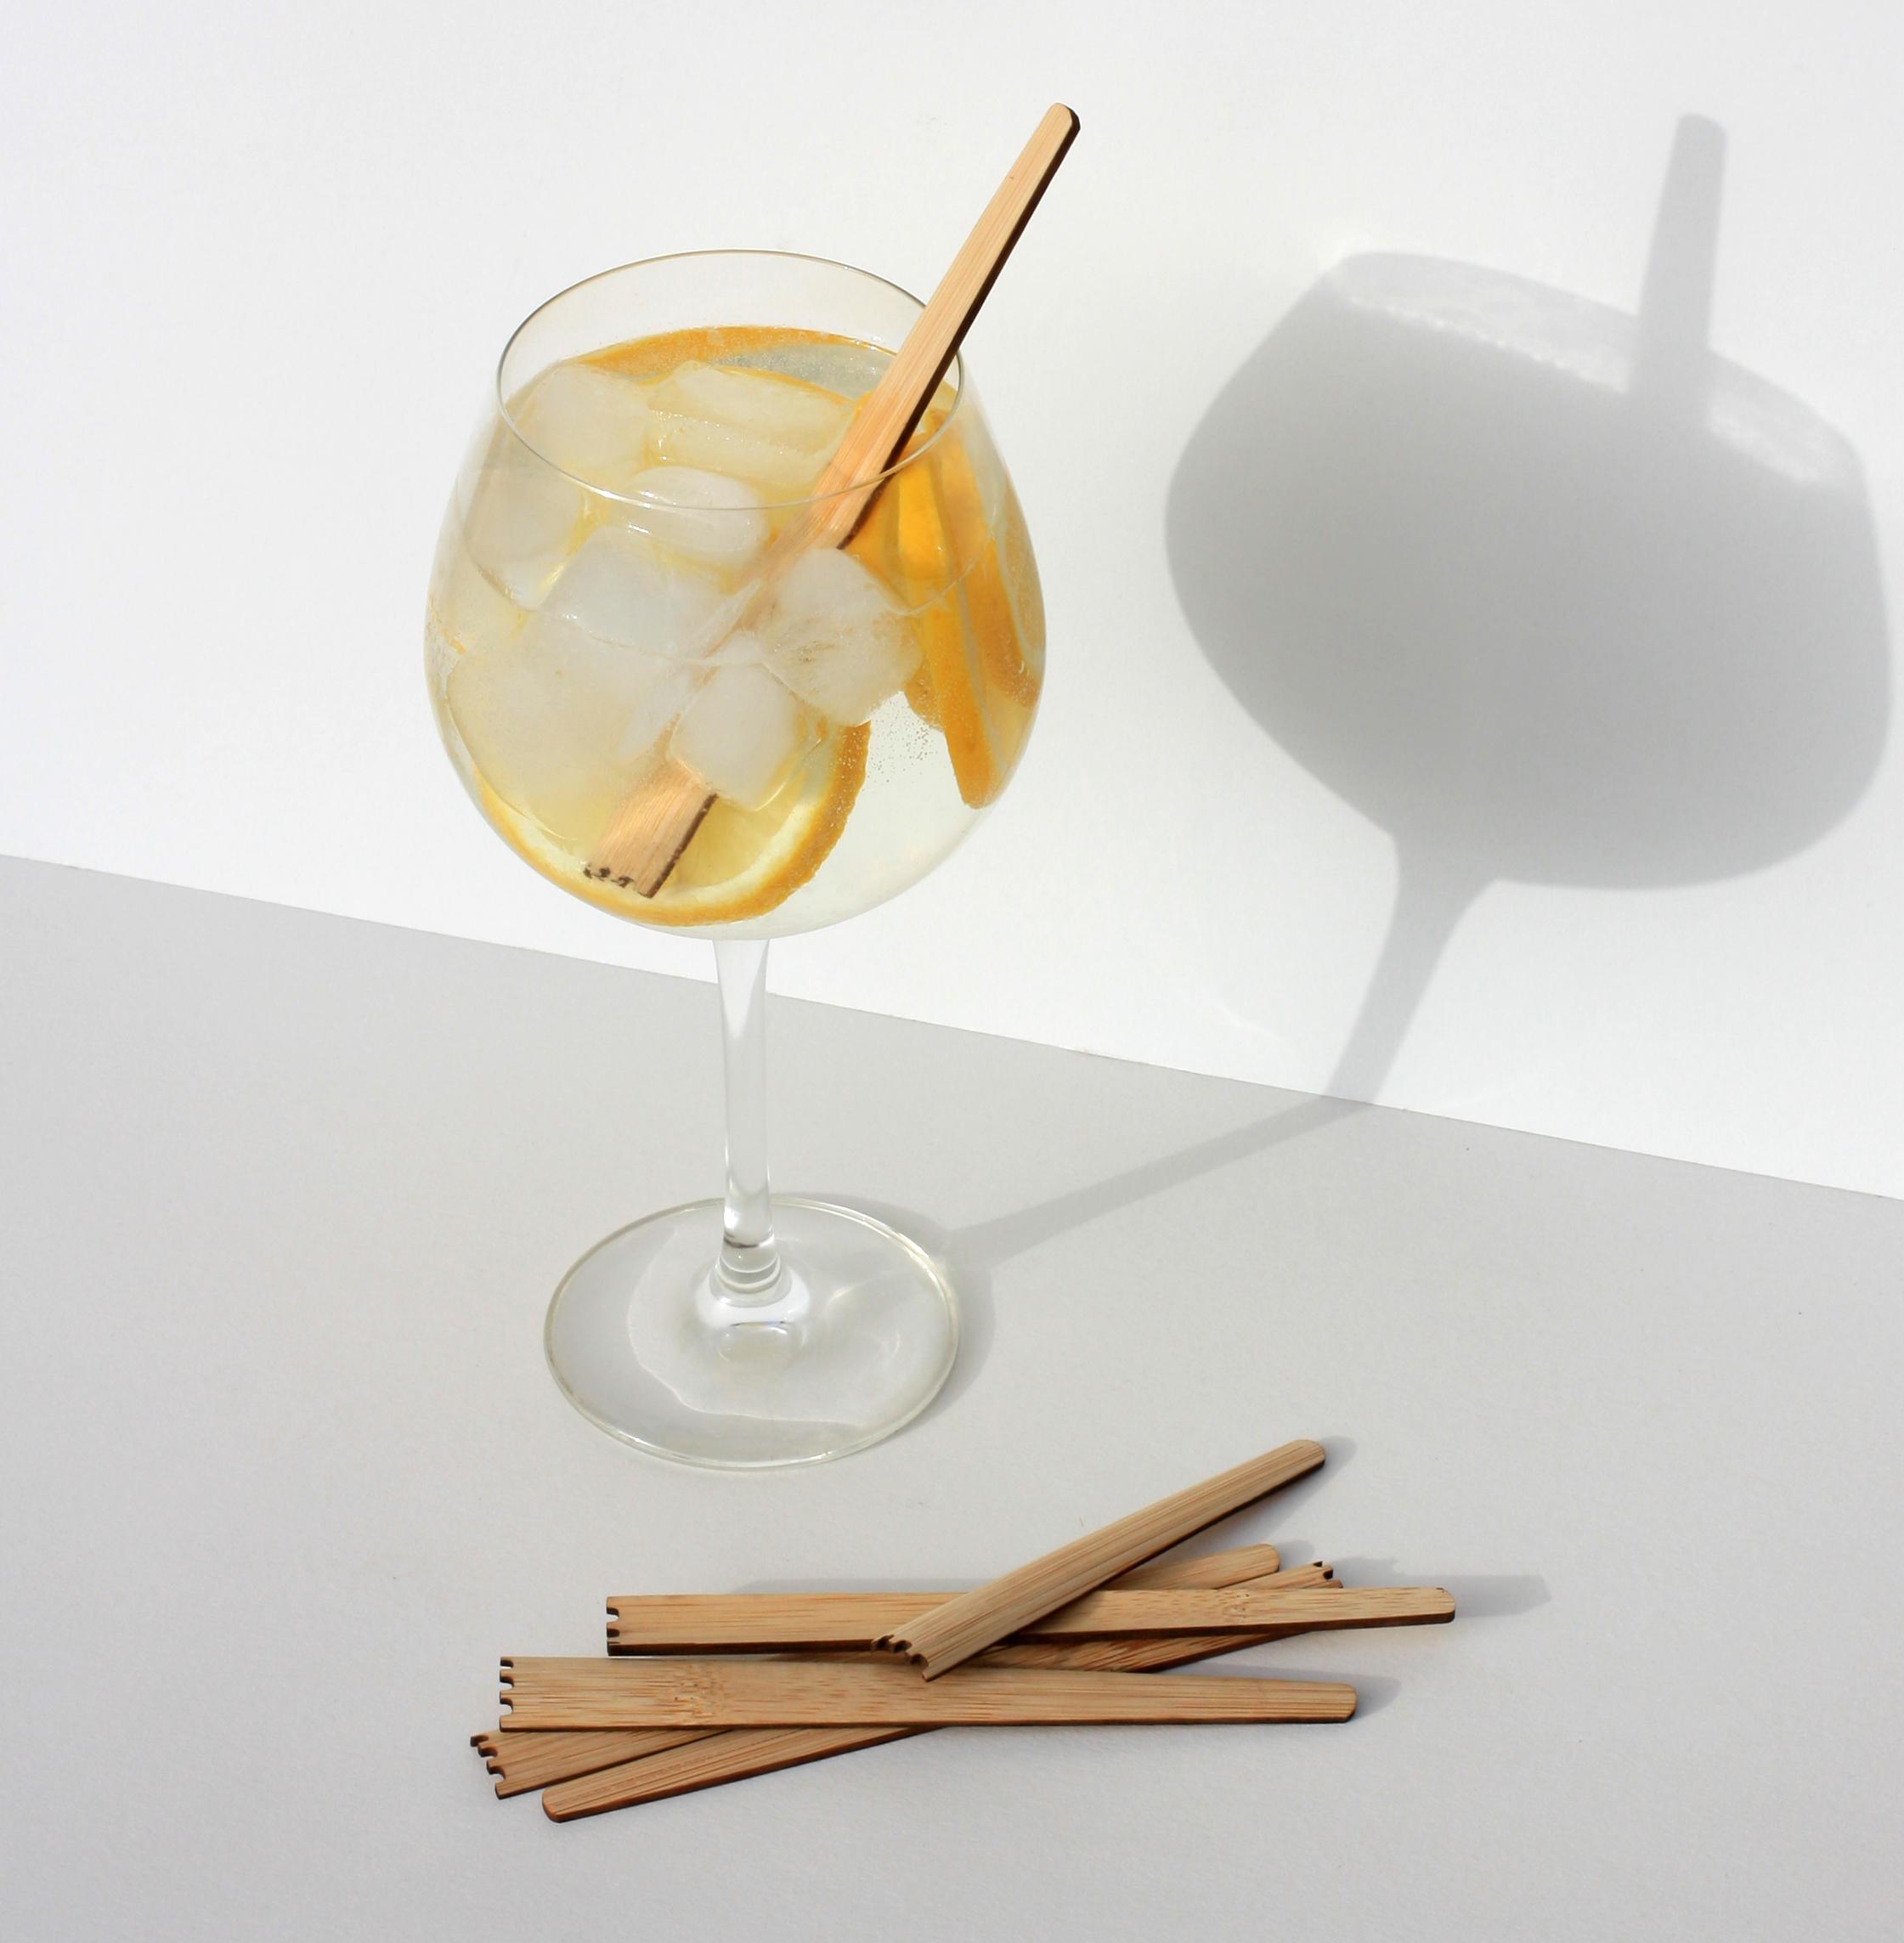 degradable cocktailstamper in glass